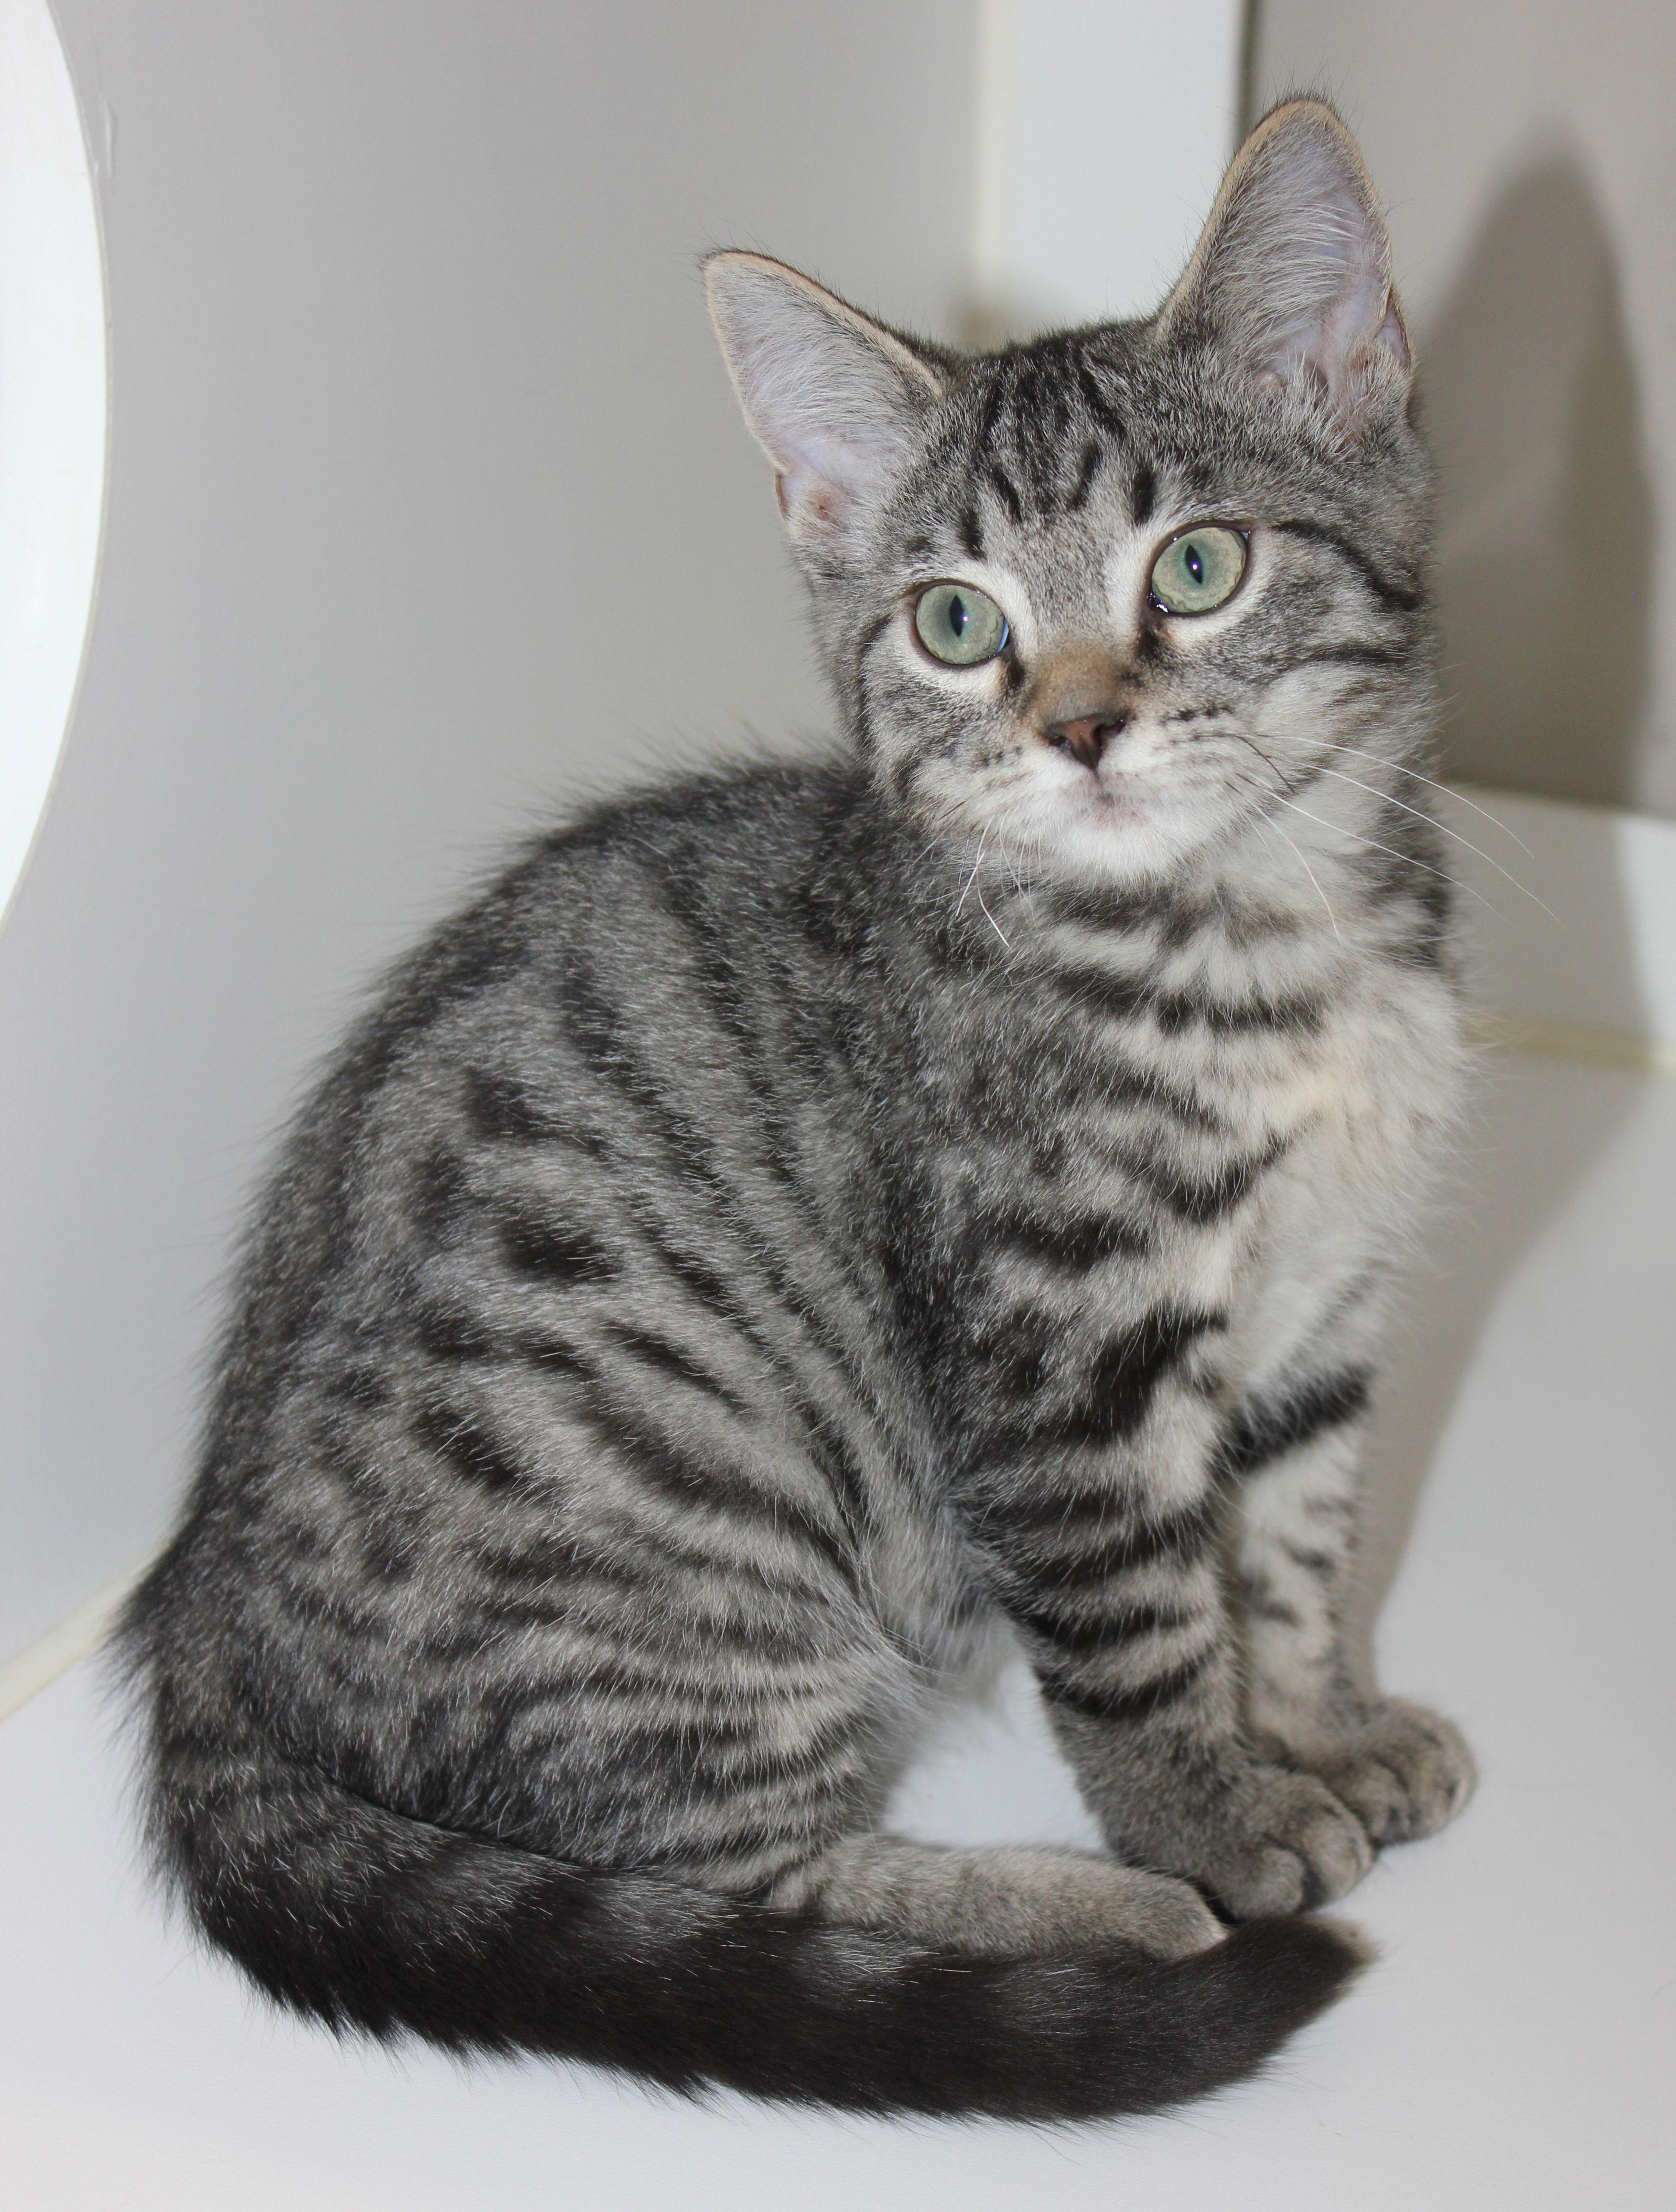 Pin on Kitten Adoptions